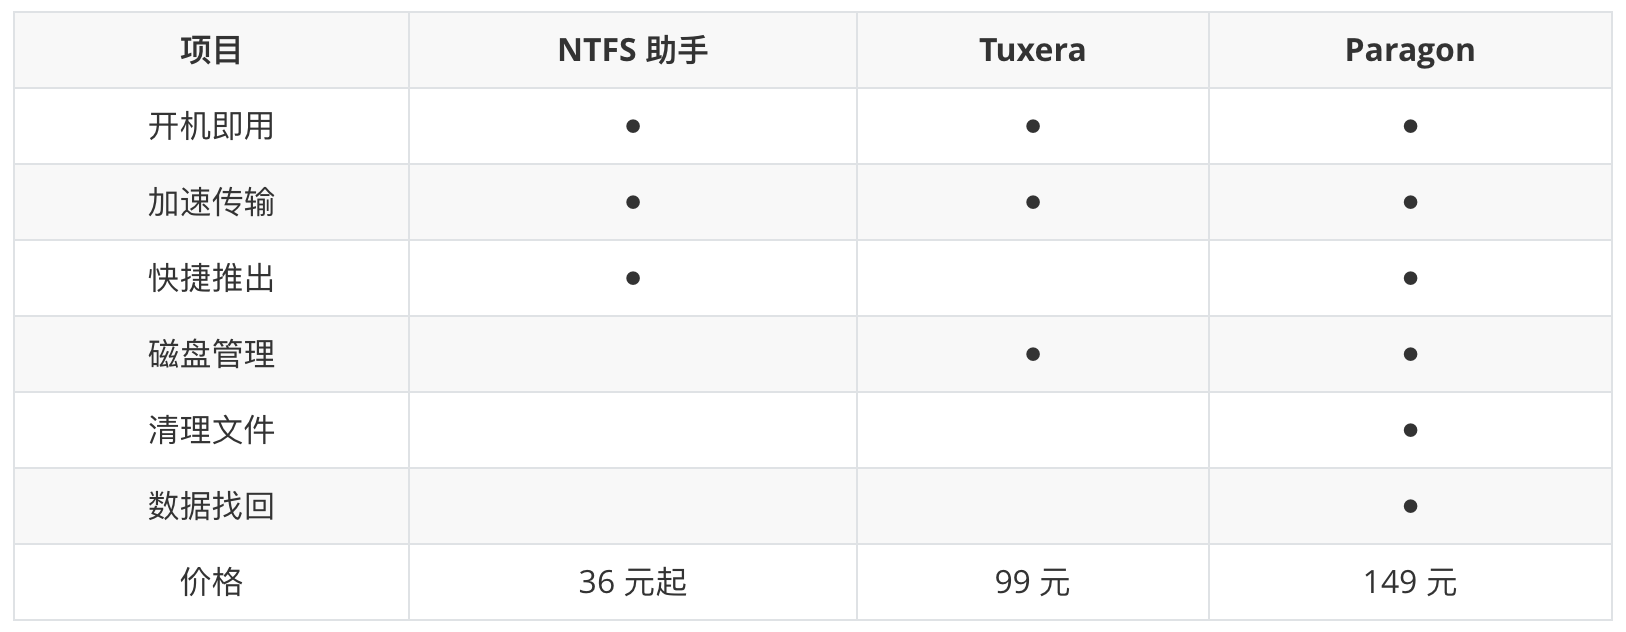 高性价比 Mac 读写 NTFS 移动硬盘工具,仅需 36 元起,领券再减 5 元